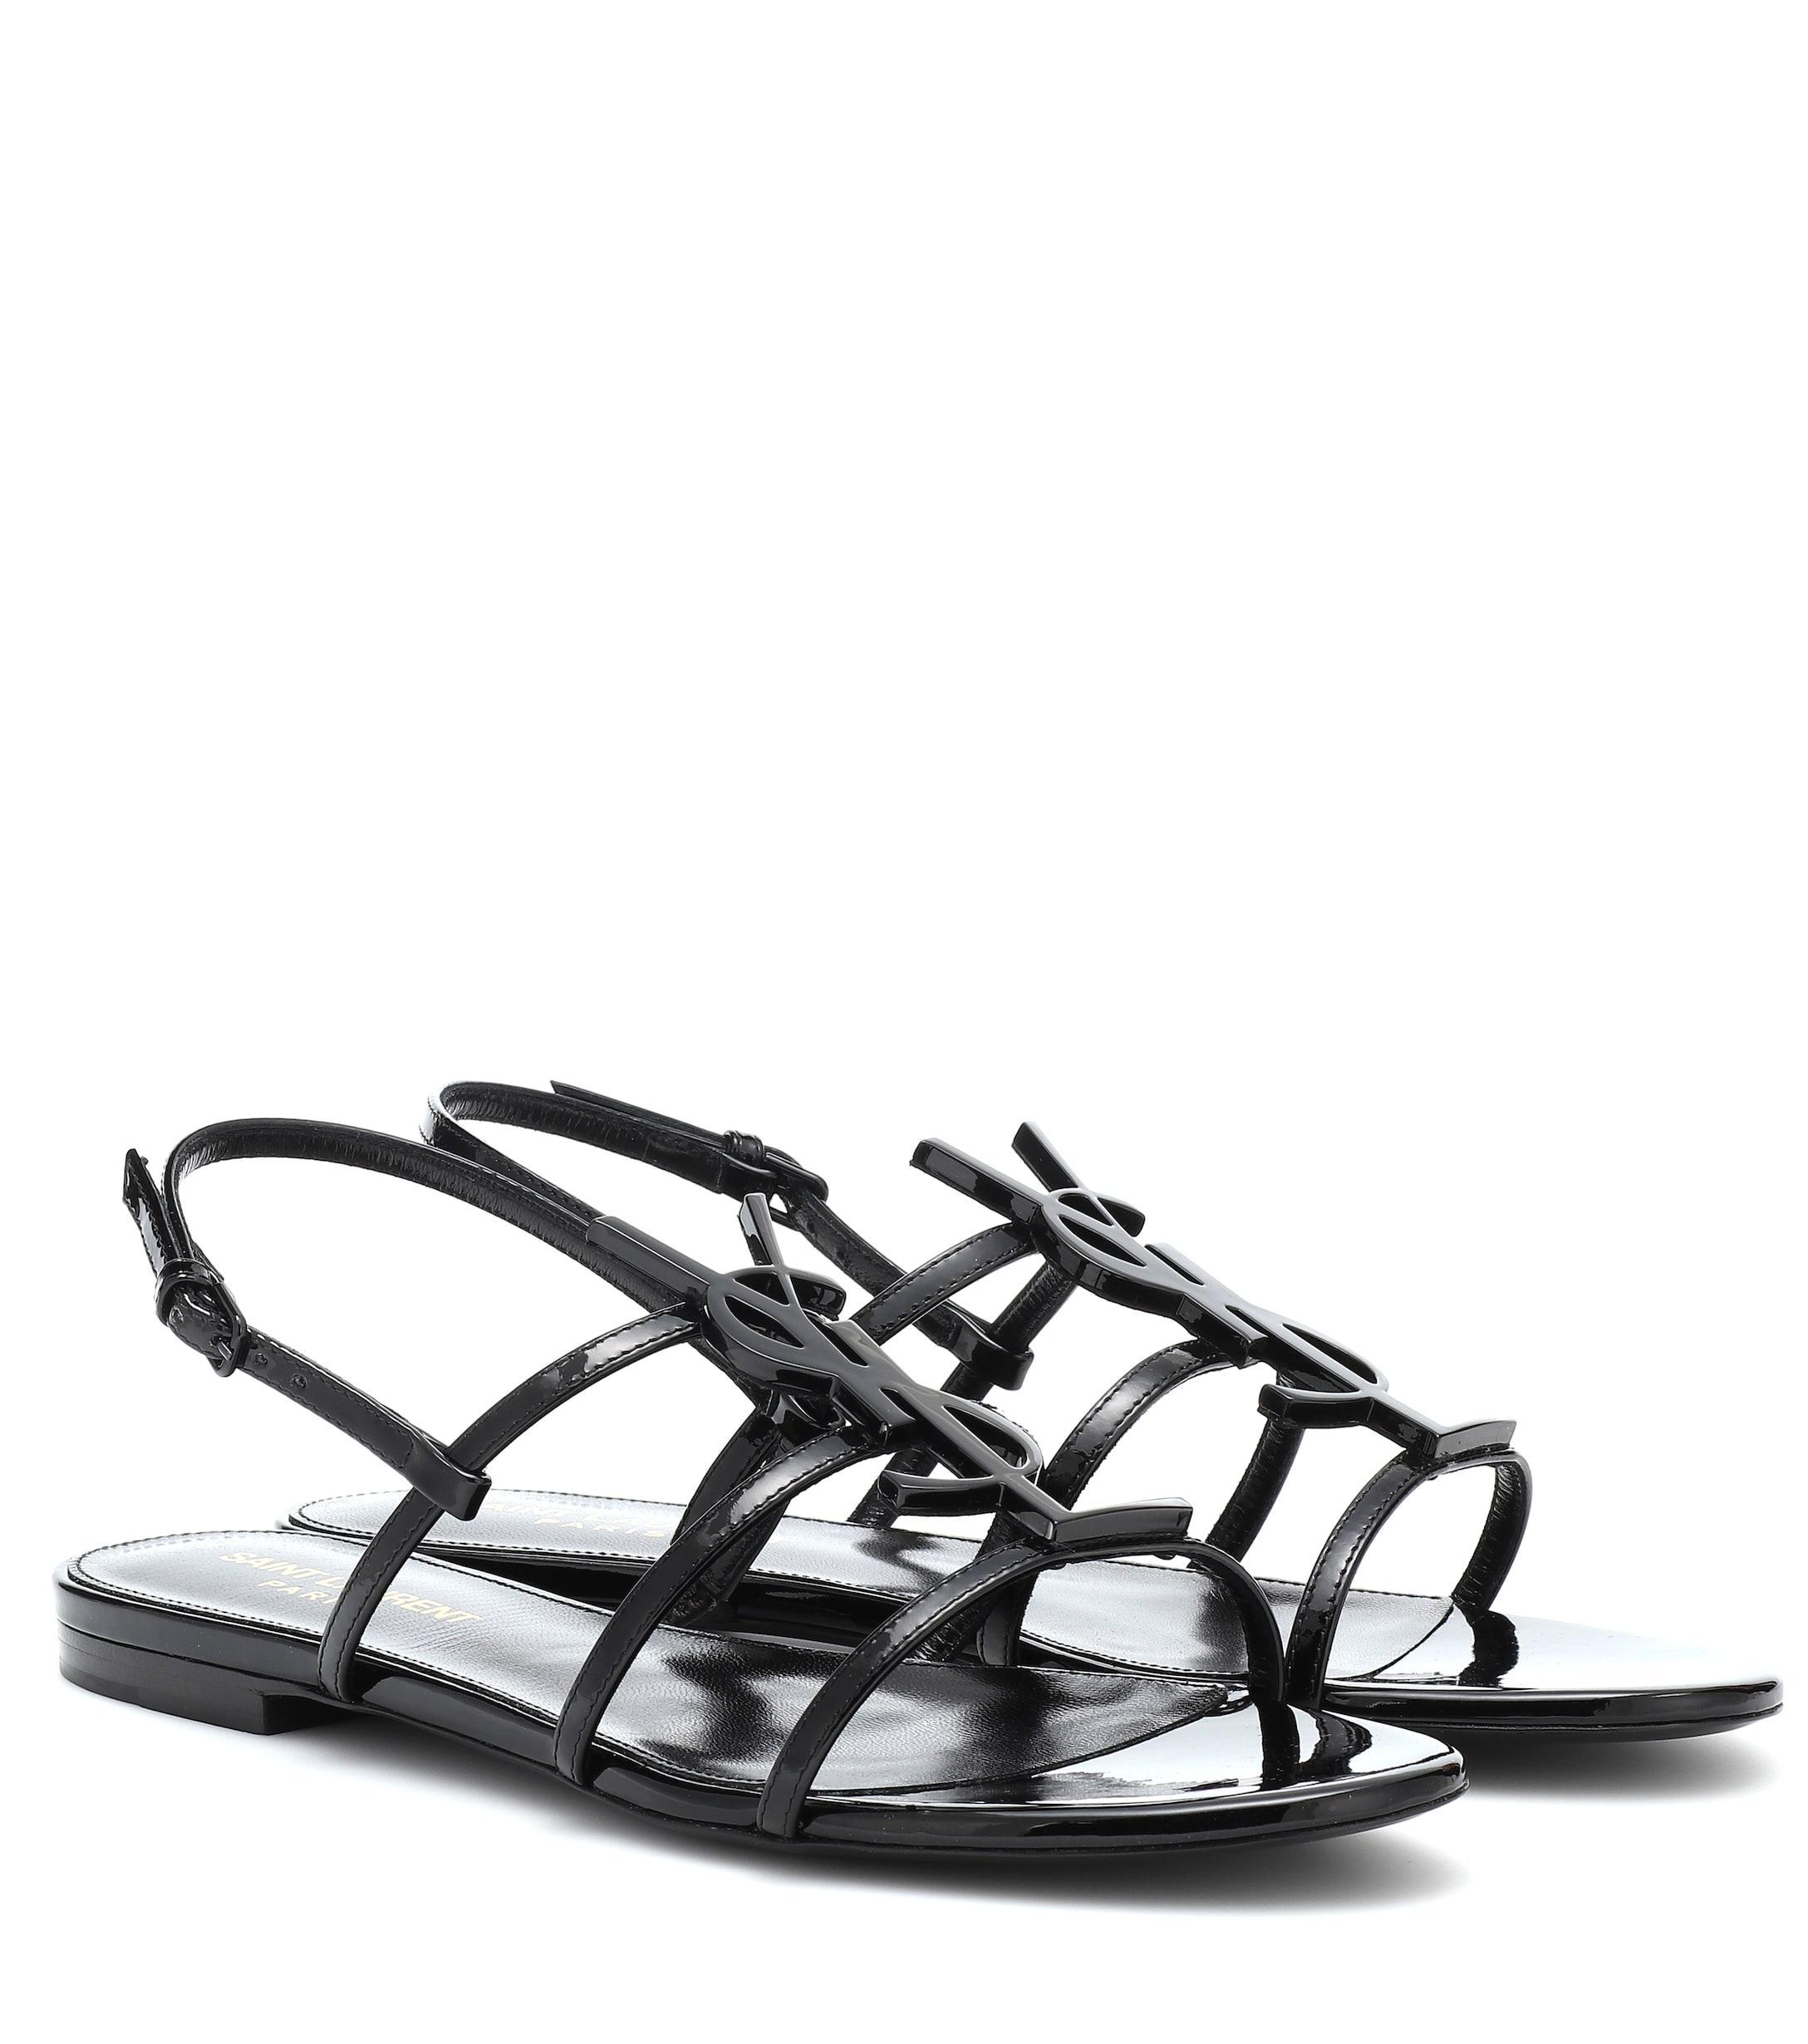 a0370a27a747c Lyst - Saint Laurent Cassandra Patent Leather Sandals in Black - Save 7%